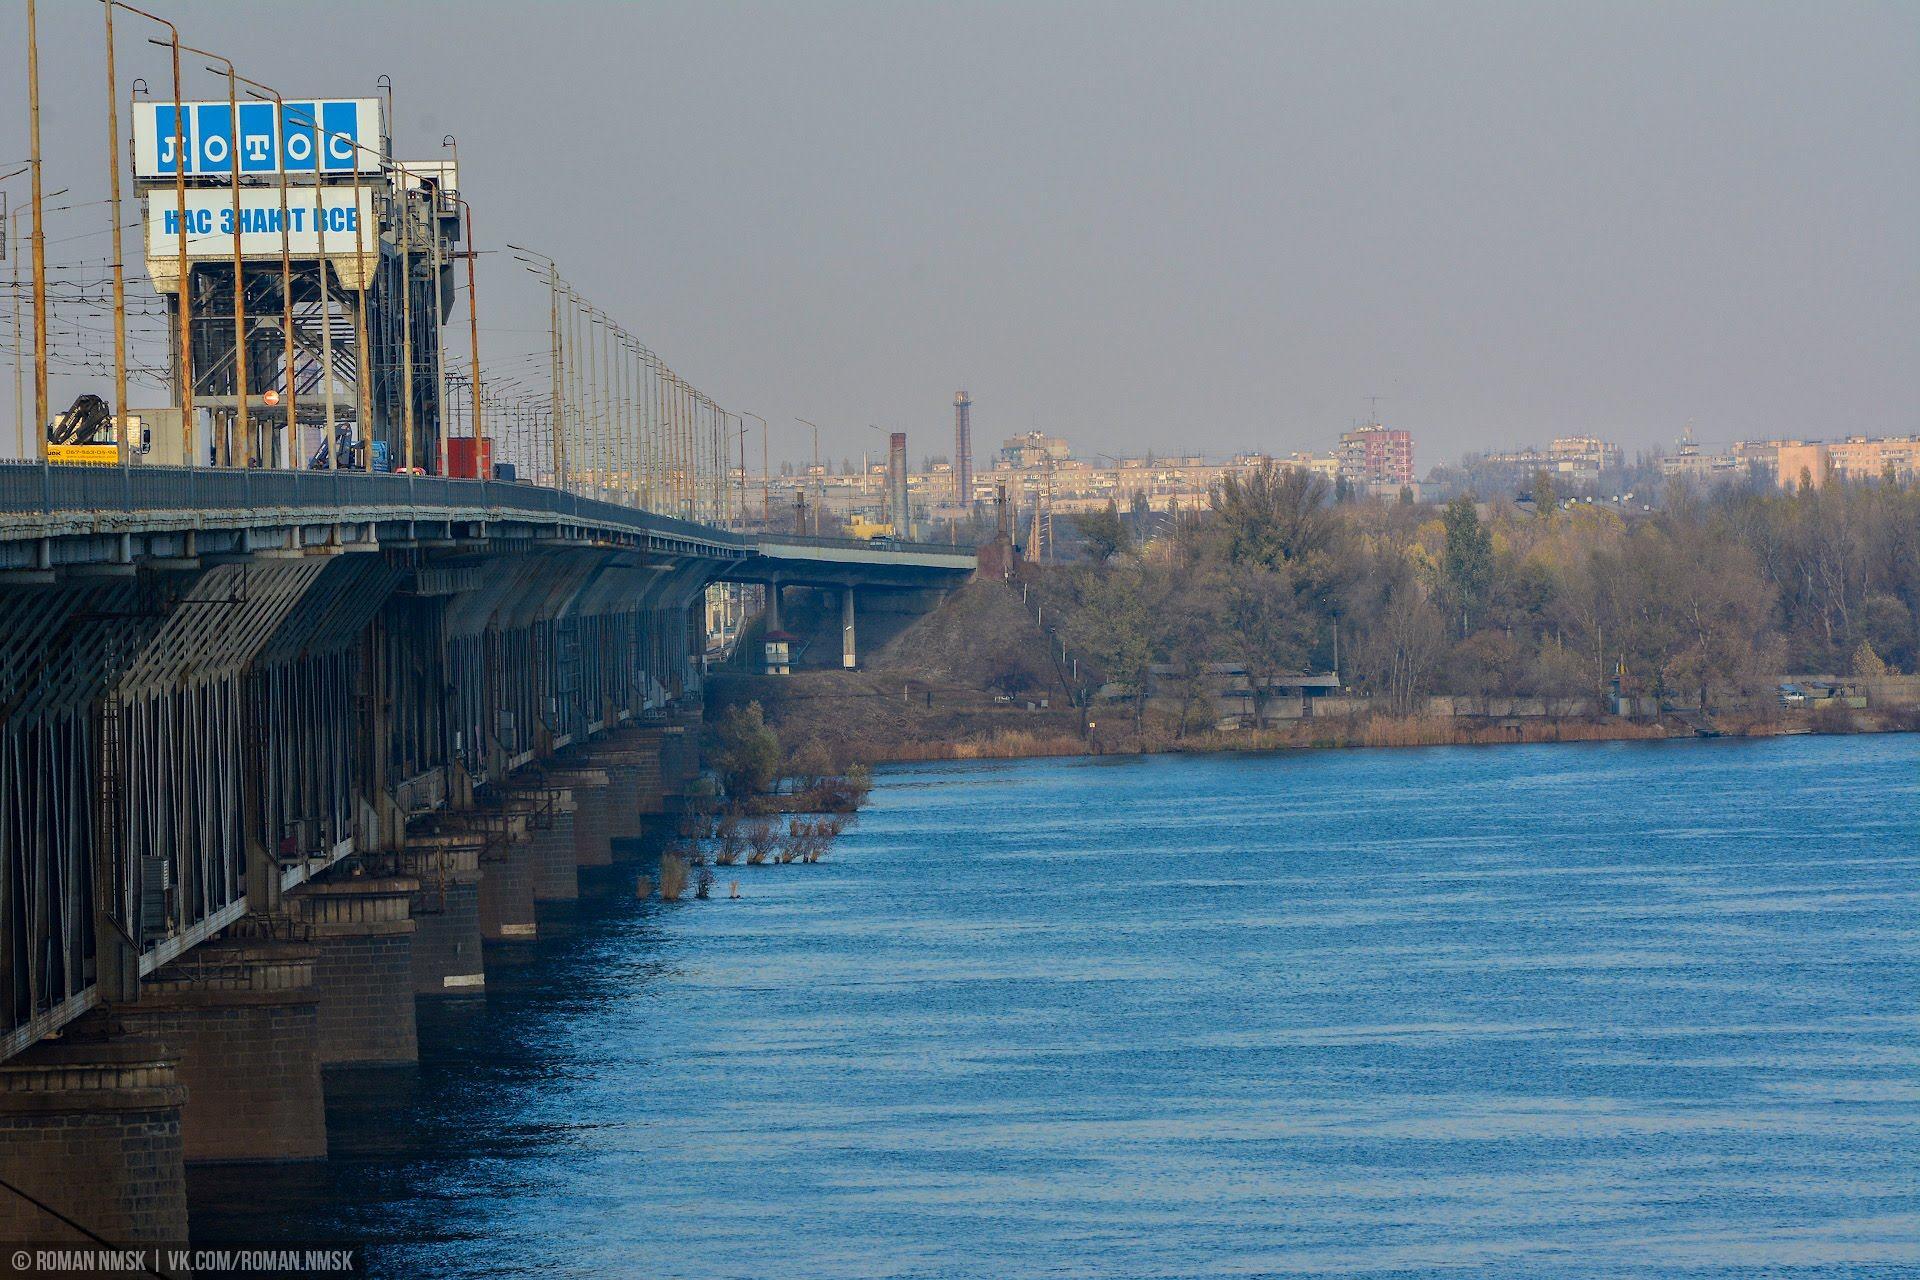 Рядом с Амурским мостом до сих пор прекрасно видны остатки деревянных мостовых свай Тайны старых мостов Днепра